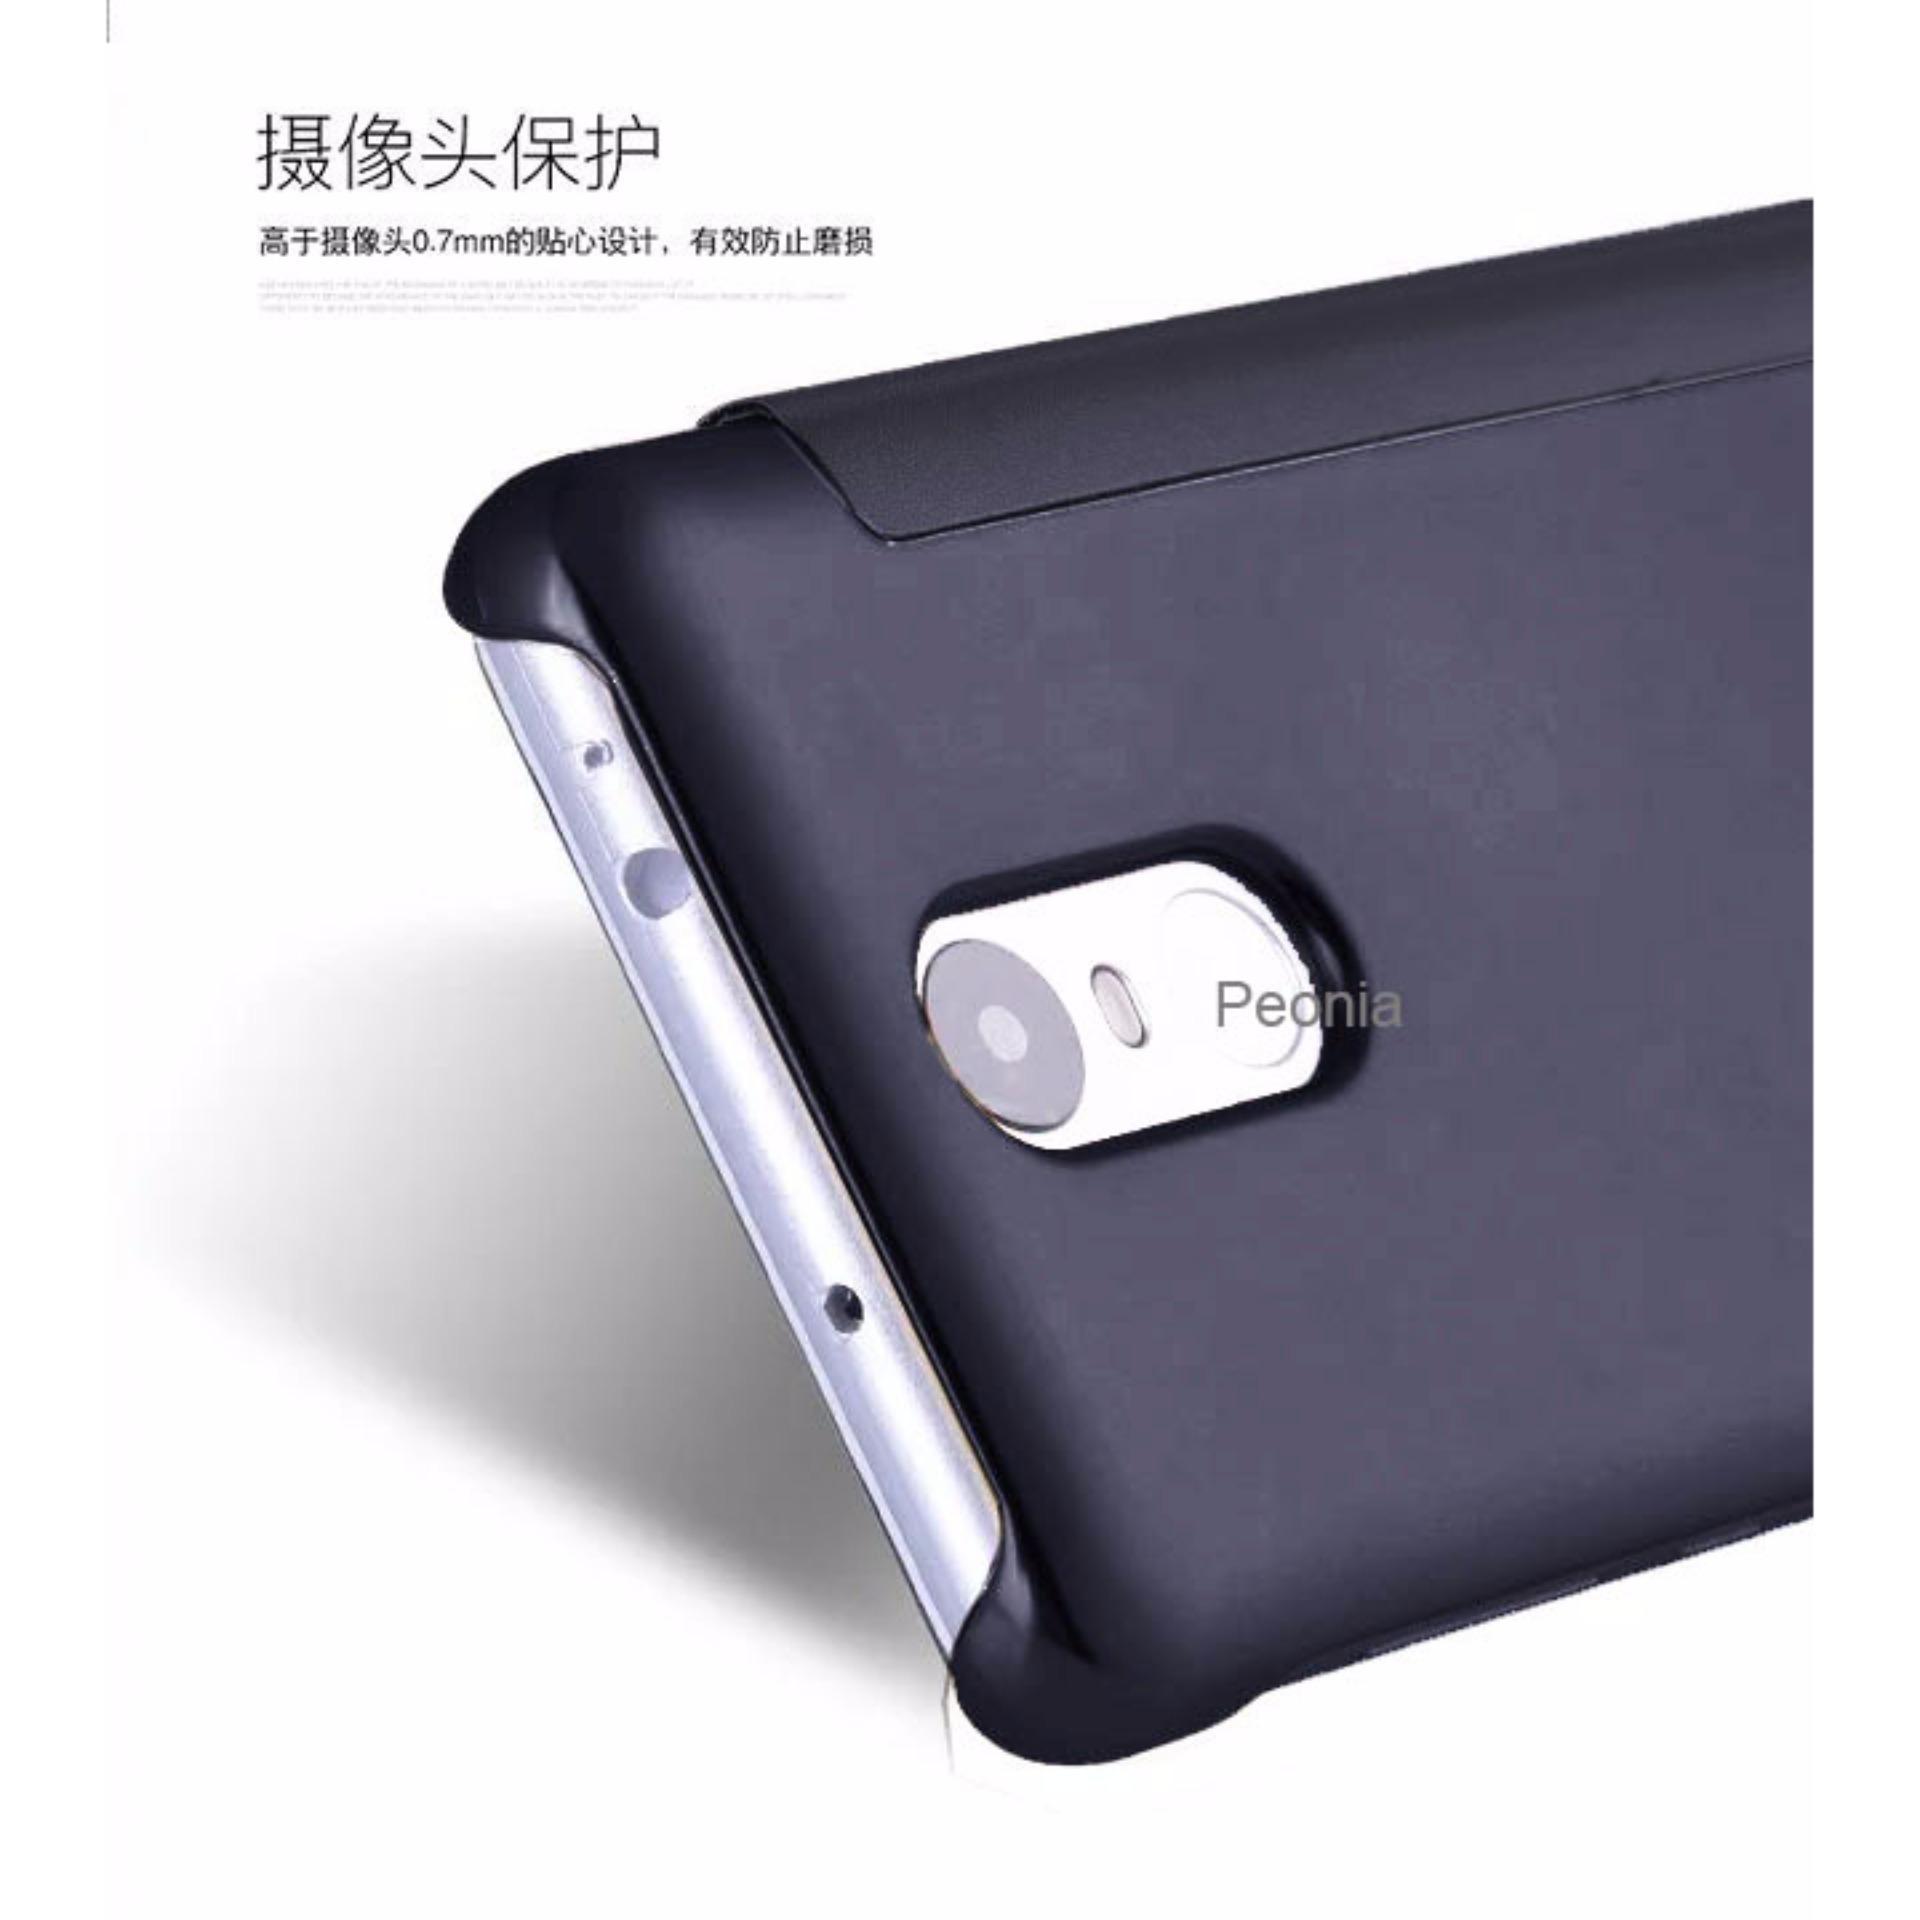 Peonia Mirror Flip Cover Case for Xiaomi Redmi Note 3 / Pro / Prime versi Kenzo